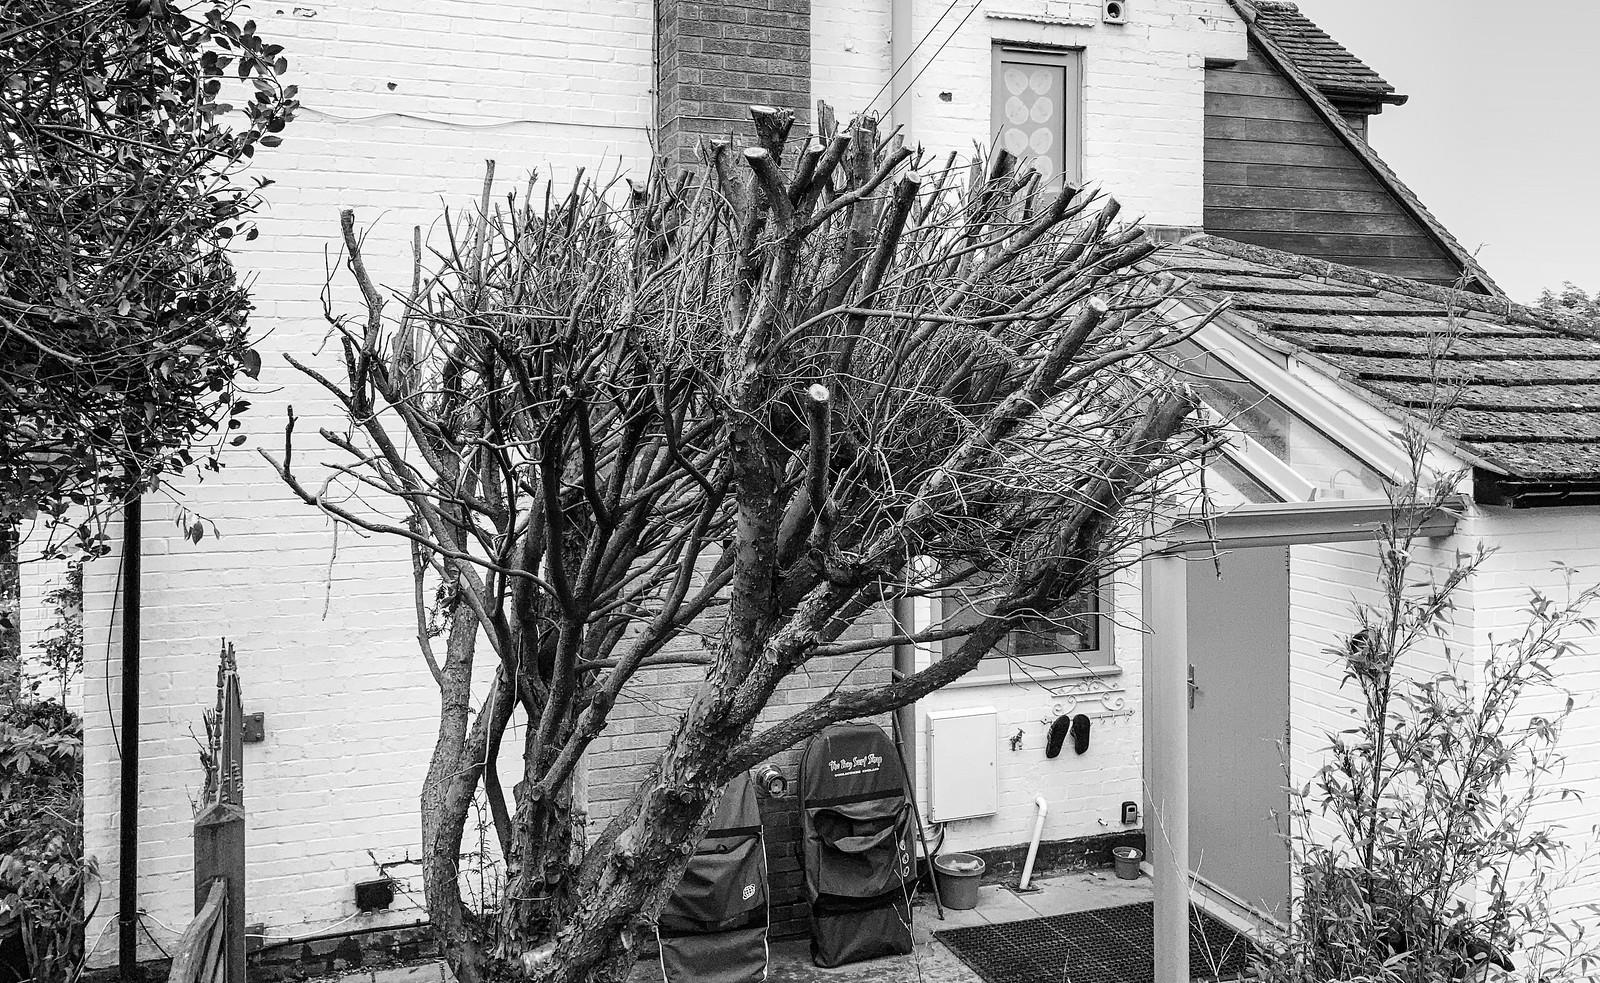 Yew tree post-haircut